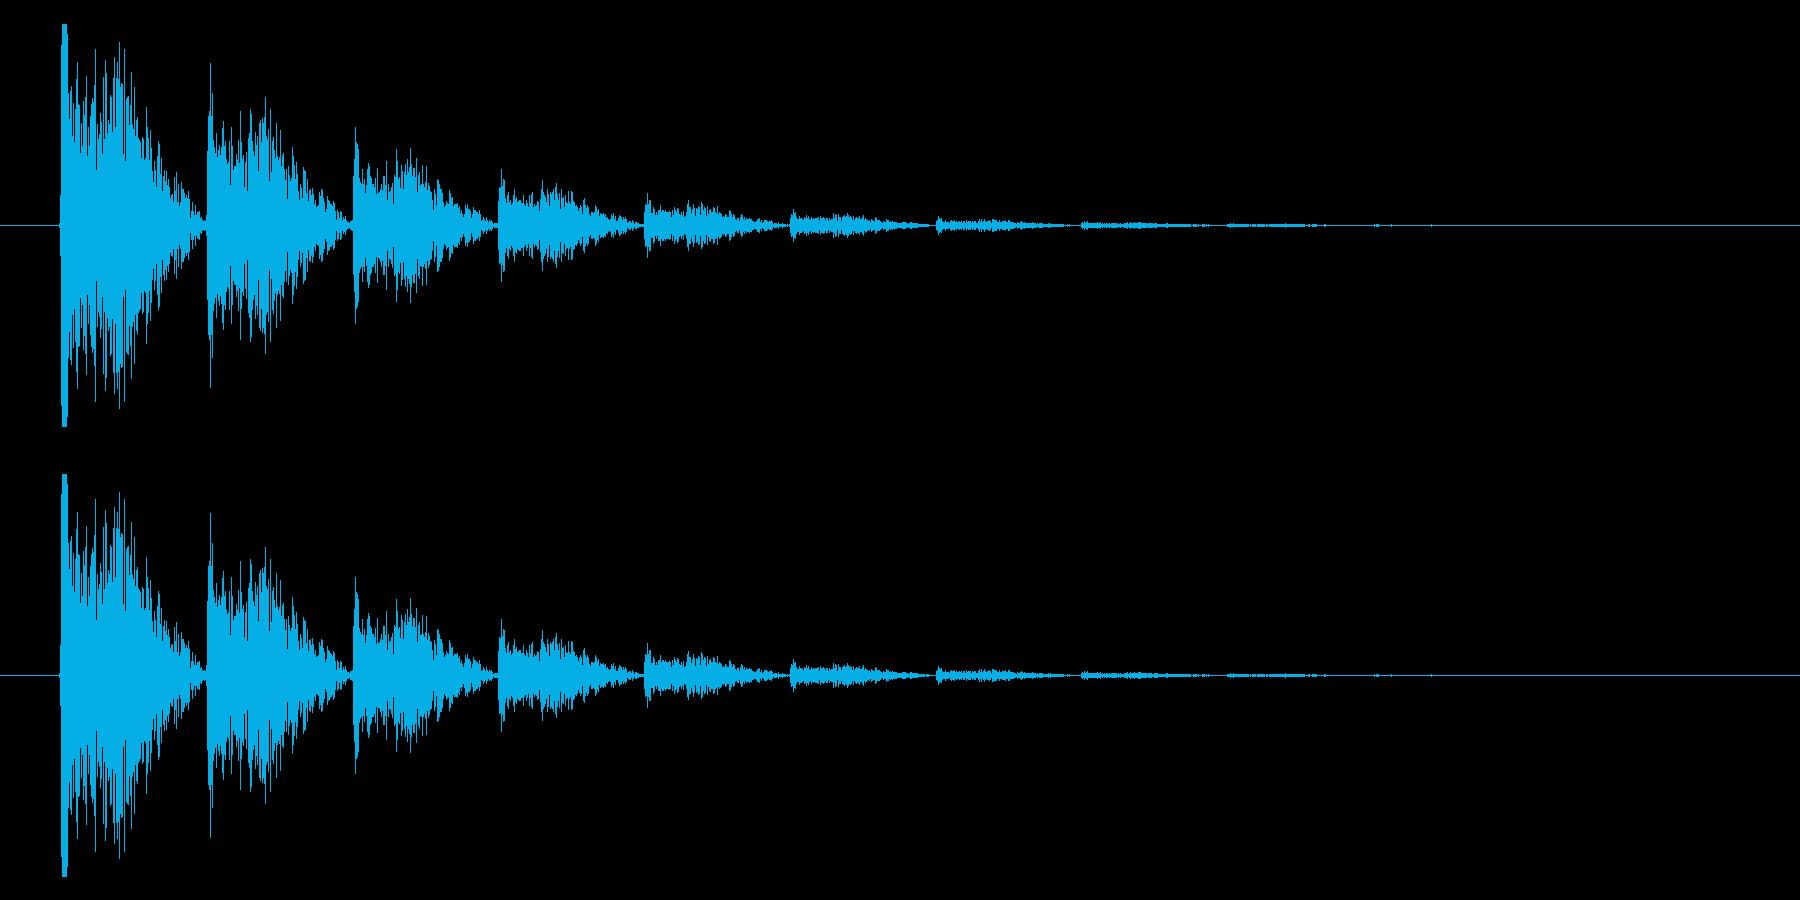 打撃09-6の再生済みの波形